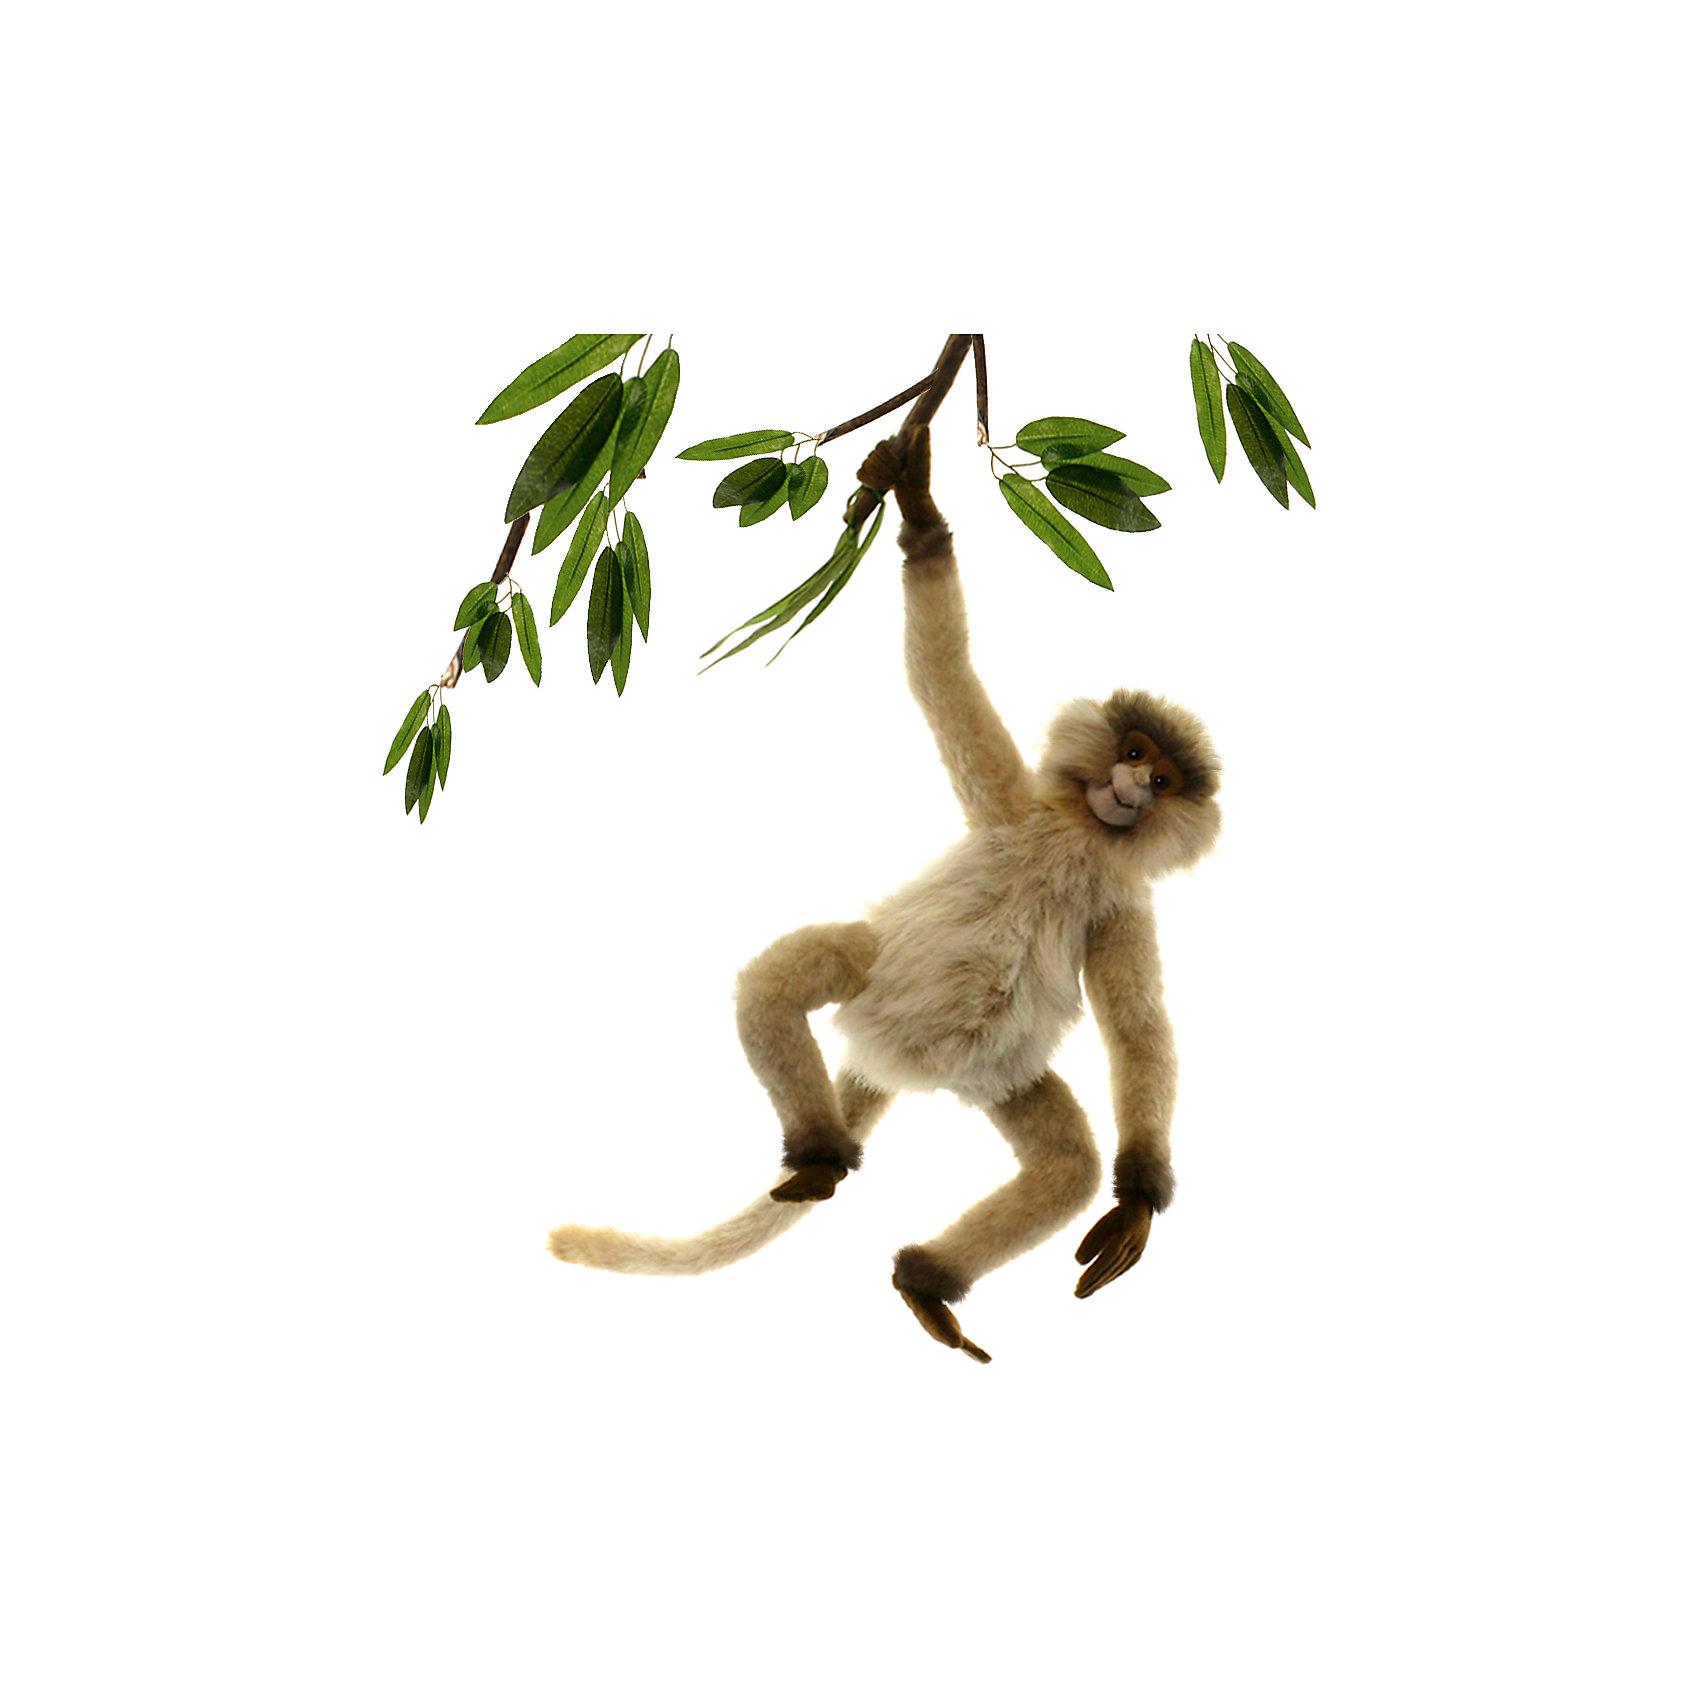 Паукообразная обезьяна, 44 смЗвери и птицы<br>Паукообразная обезьянка, 28 см – игрушка от знаменитого бренда Hansa, специализирующегося на выпуске мягких игрушек с высокой степенью натуралистичности. Внешний вид игрушки полностью соответствует своему реальному прототипу – широконосым обезьянам. Она выполнена из искусственного меха с ворсом разной длины. Окрас игрушки полностью повторяет окраску настоящего примата: светло-коричневая шерстка на округлом теле и длинных конечностях. Использованные материалы обладают гипоаллергенными свойствами. Внутри игрушки имеется металлический каркас, позволяющий изменять положение. <br>Игрушка относится к серии Дикие животные. <br>Мягкие игрушки от Hansa подходят для сюжетно-ролевых игр, для обучающих игр, направленных на знакомство с животным миром дикой природы. Кроме того, их можно использовать в качестве интерьерных игрушек. Коллекция из нескольких игрушек позволяет создать свой домашний зоопарк, который будет радовать вашего ребенка долгое время, так как ручная работа и качественные материалы гарантируют их долговечность и прочность.<br><br>Дополнительная информация:<br><br>- Вид игр: сюжетно-ролевые игры, коллекционирование, интерьерные игрушки<br>- Предназначение: для дома, для детских развивающих центров, для детских садов<br>- Материал: искусственный мех, наполнитель ? полиэфирное волокно<br>- Размер (ДхШхВ): 24*27*24 см<br>- Вес: 370 г<br>- Особенности ухода: сухая чистка при помощи пылесоса или щетки для одежды<br><br>Подробнее:<br><br>• Для детей в возрасте: от 3 лет <br>• Страна производитель: Филиппины<br>• Торговый бренд: Hansa<br><br>Паукообразную обезьянку, 28 см  можно купить в нашем интернет-магазине.<br><br>Ширина мм: 24<br>Глубина мм: 27<br>Высота мм: 24<br>Вес г: 370<br>Возраст от месяцев: 36<br>Возраст до месяцев: 2147483647<br>Пол: Унисекс<br>Возраст: Детский<br>SKU: 4927168